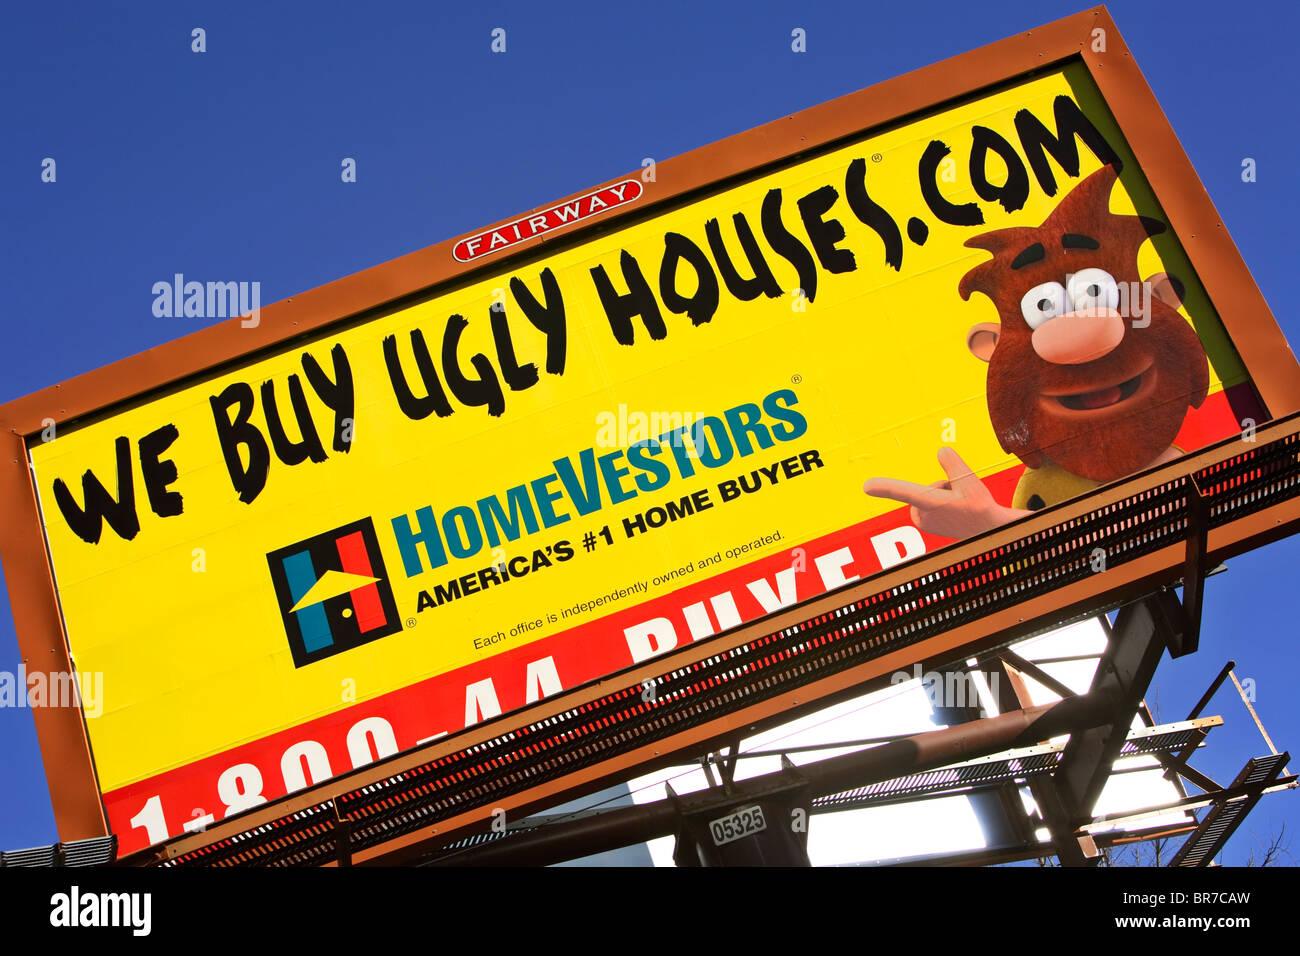 A Homevestors Billboard In Asheville